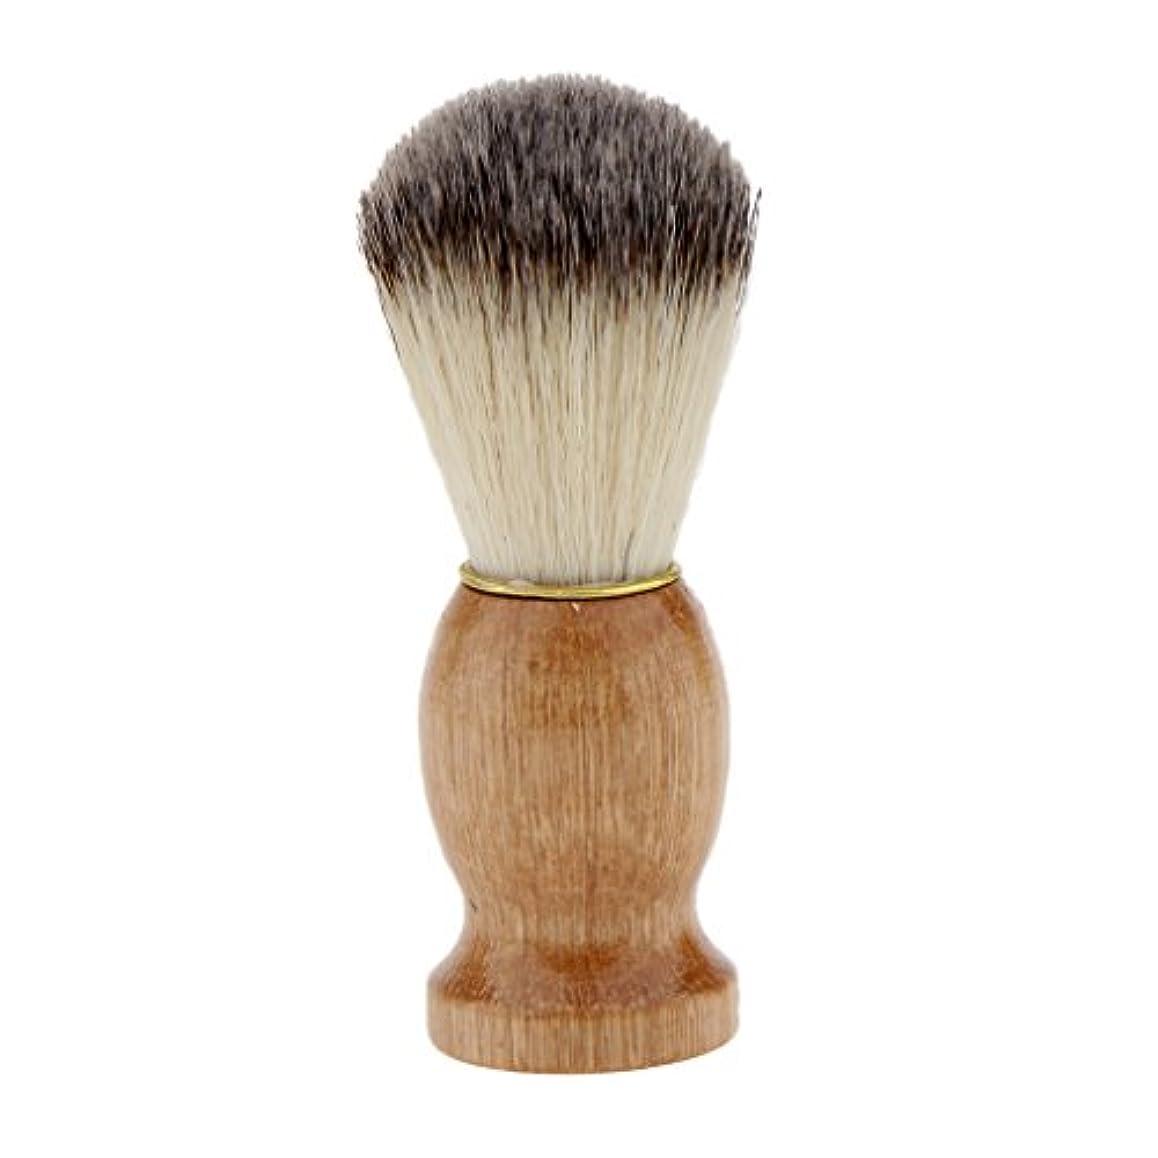 圧縮する岩アライアンスシェービングブラシ 木製ハンドル 男性 ひげ剃りブラシ ひげ クレンジング